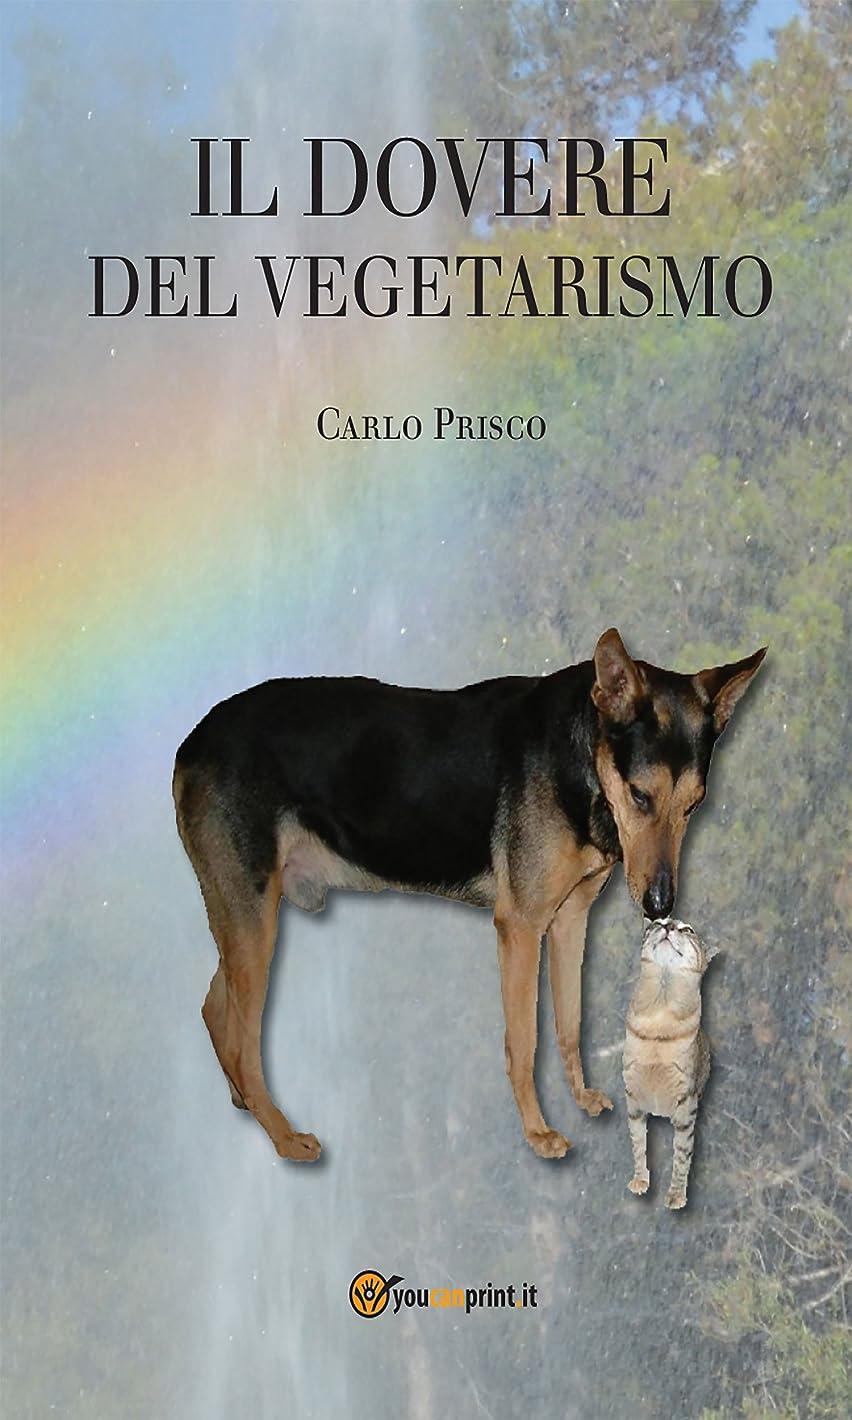 難民切るデコレーションIl dovere del vegetarismo (Italian Edition)